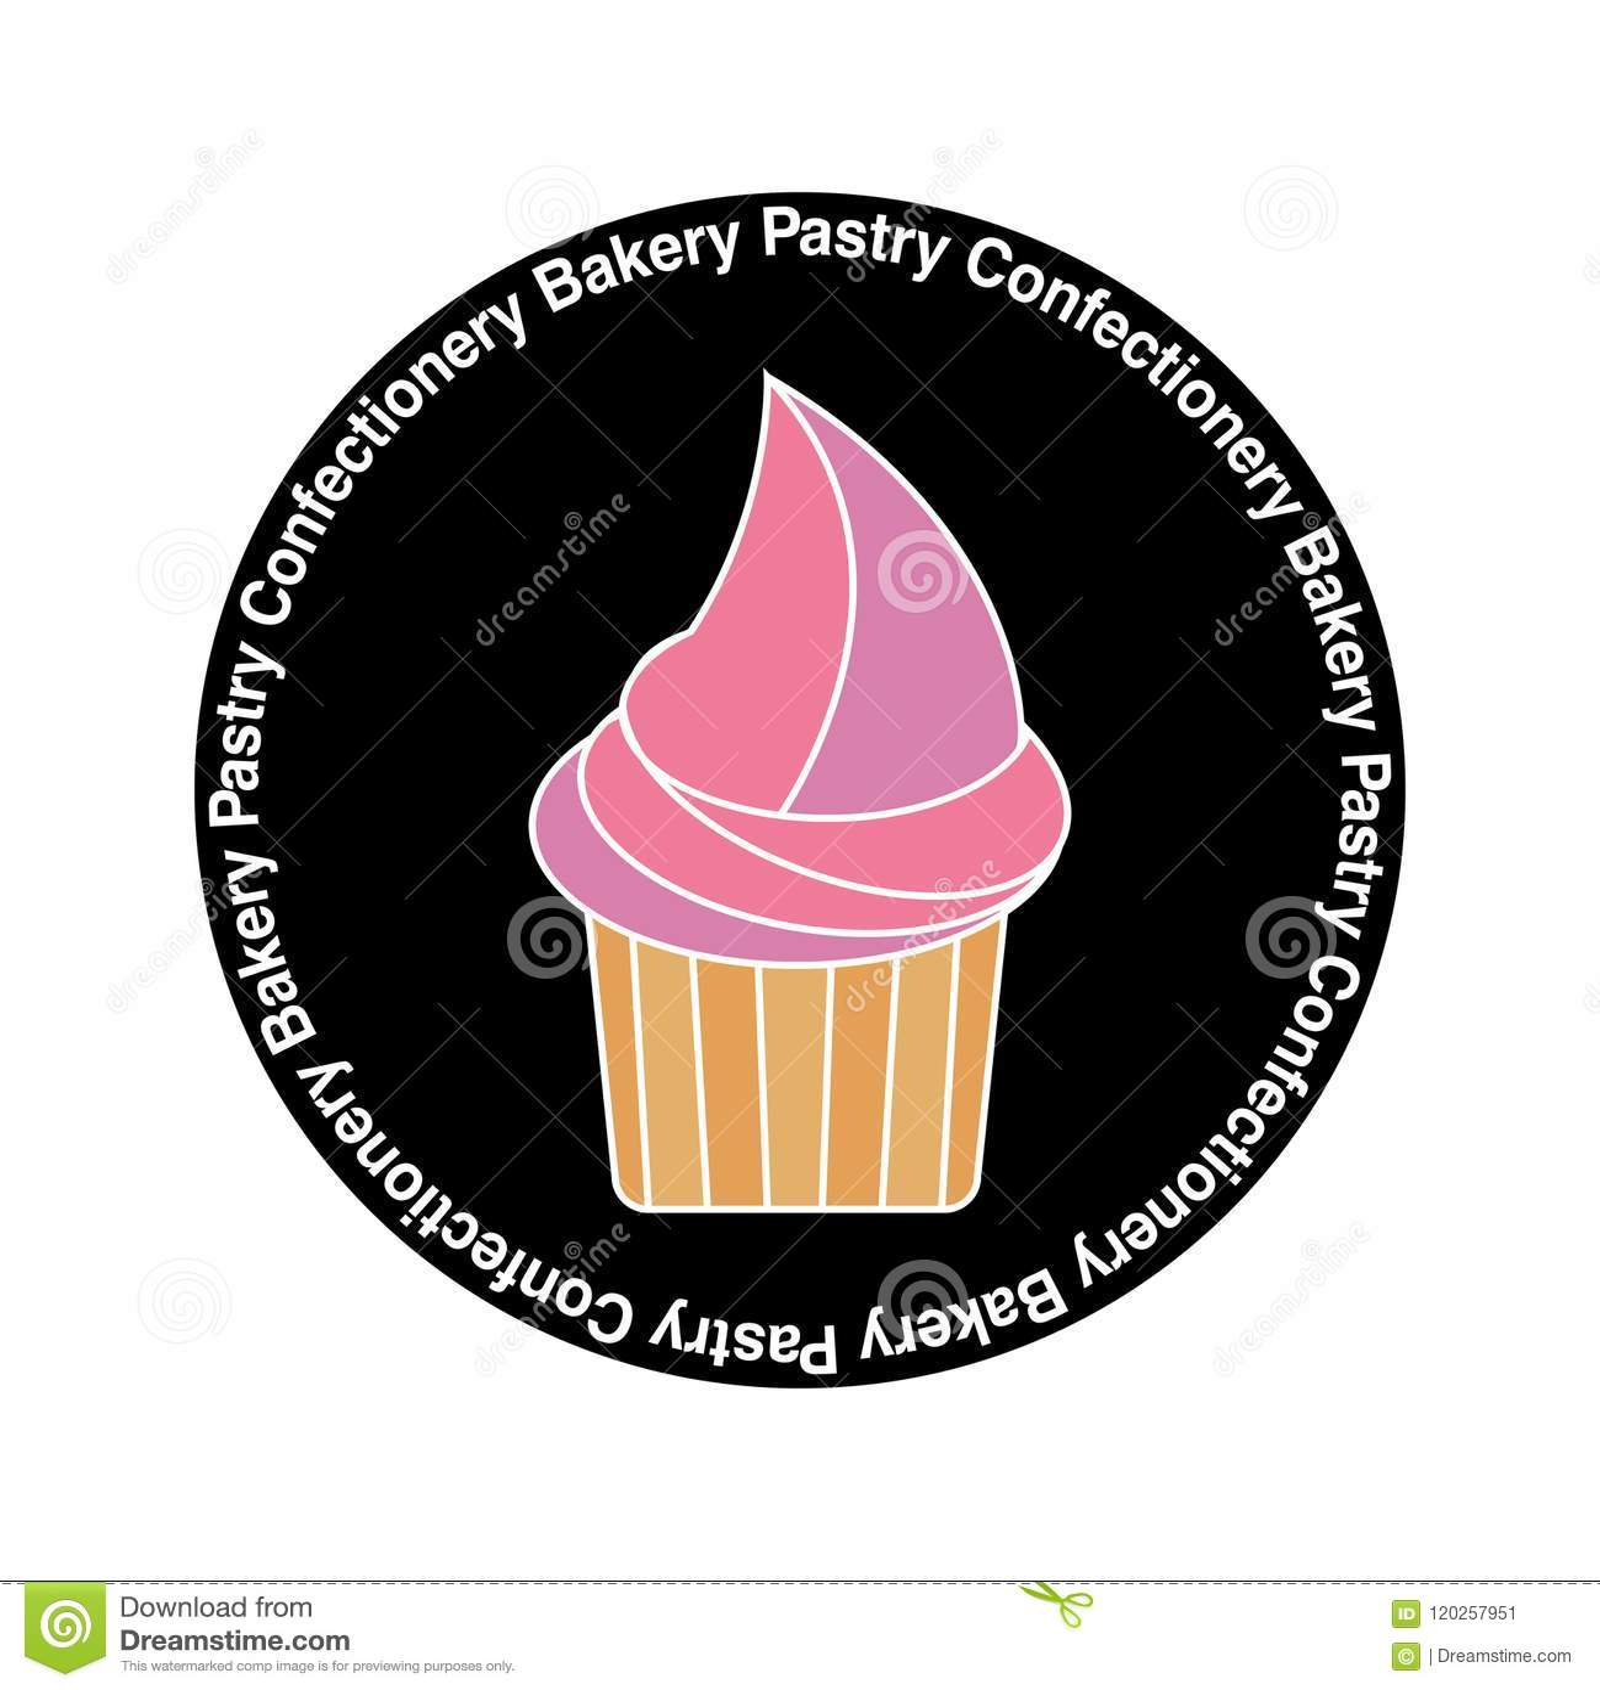 Logo des kleinen Kuchens, Aufkleber, Fahne für Süßigkeiten, Gebäck, Bäckereishop